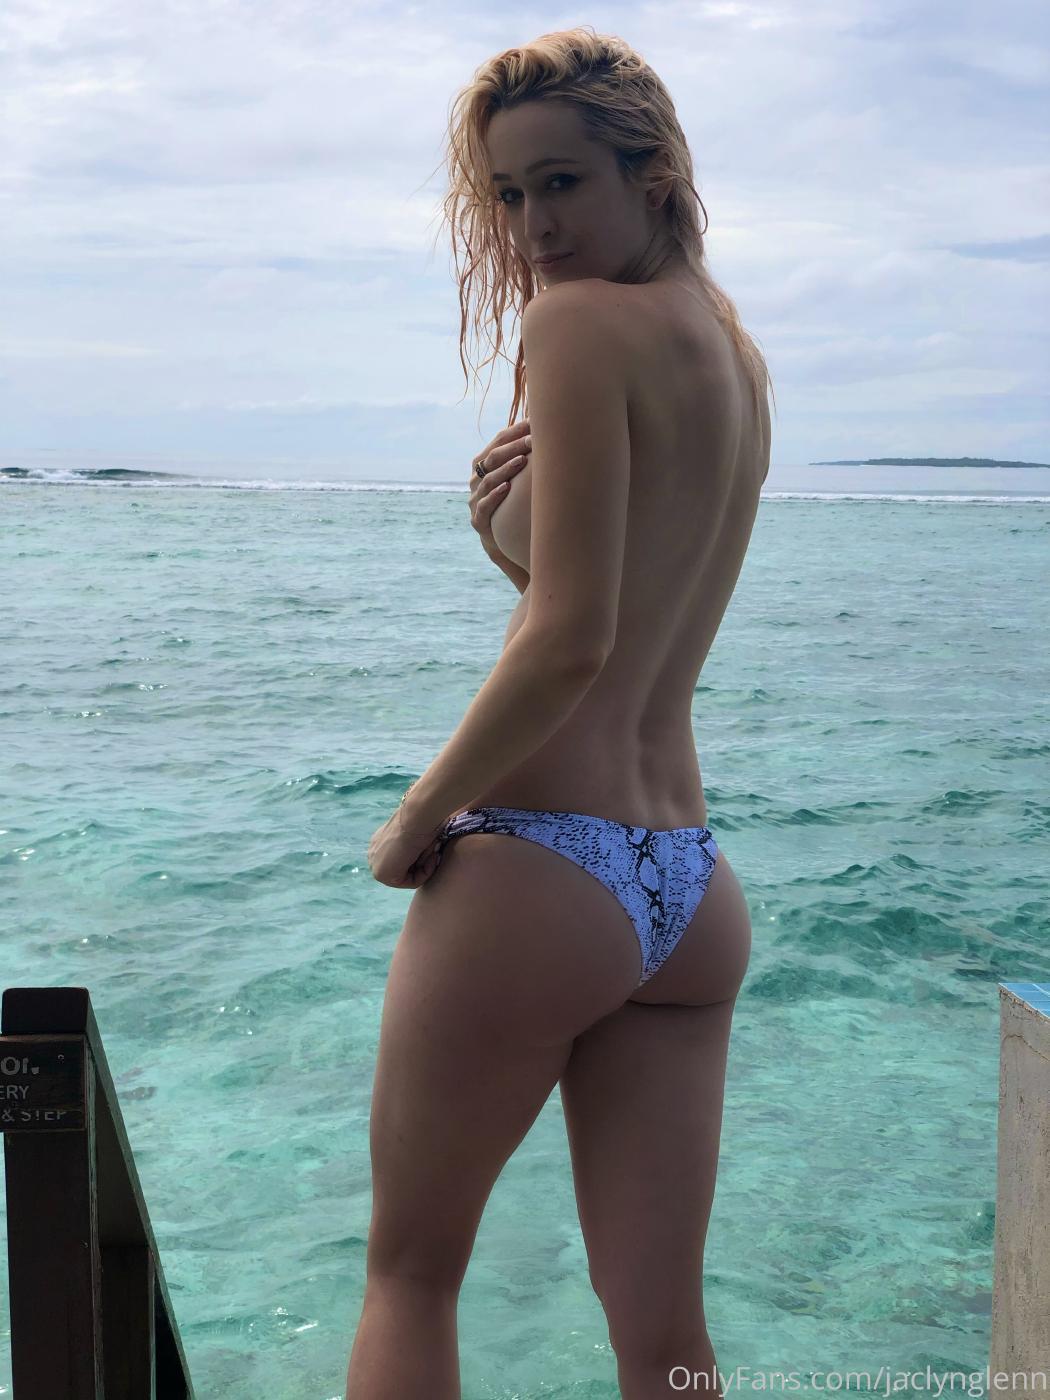 Jaclyn Glenn Nude Bikini Onlyfans Set Leaked Ltprun